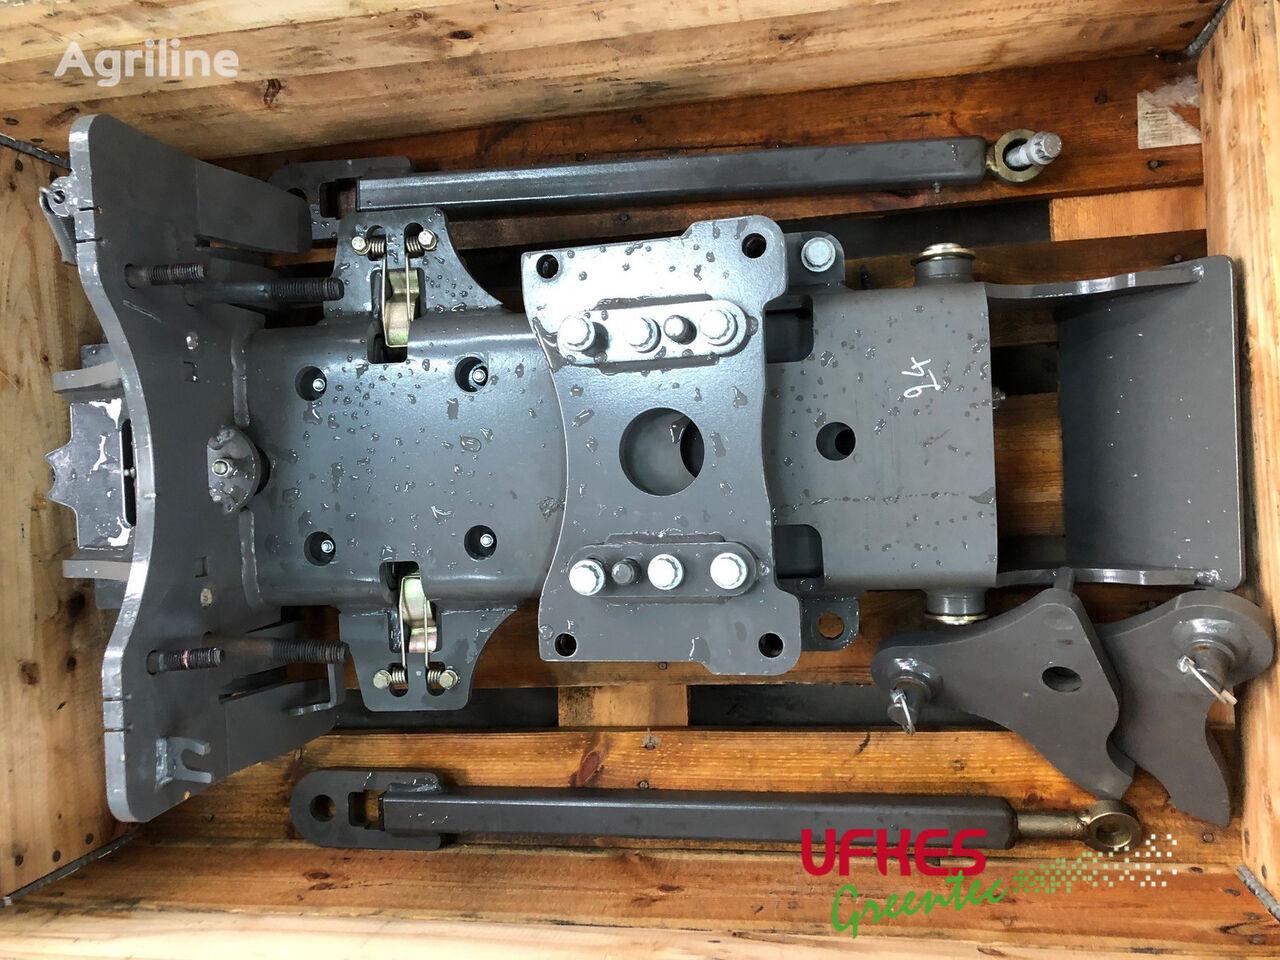 VALTRA Oppik trekhaak tow bar for other farm equipment